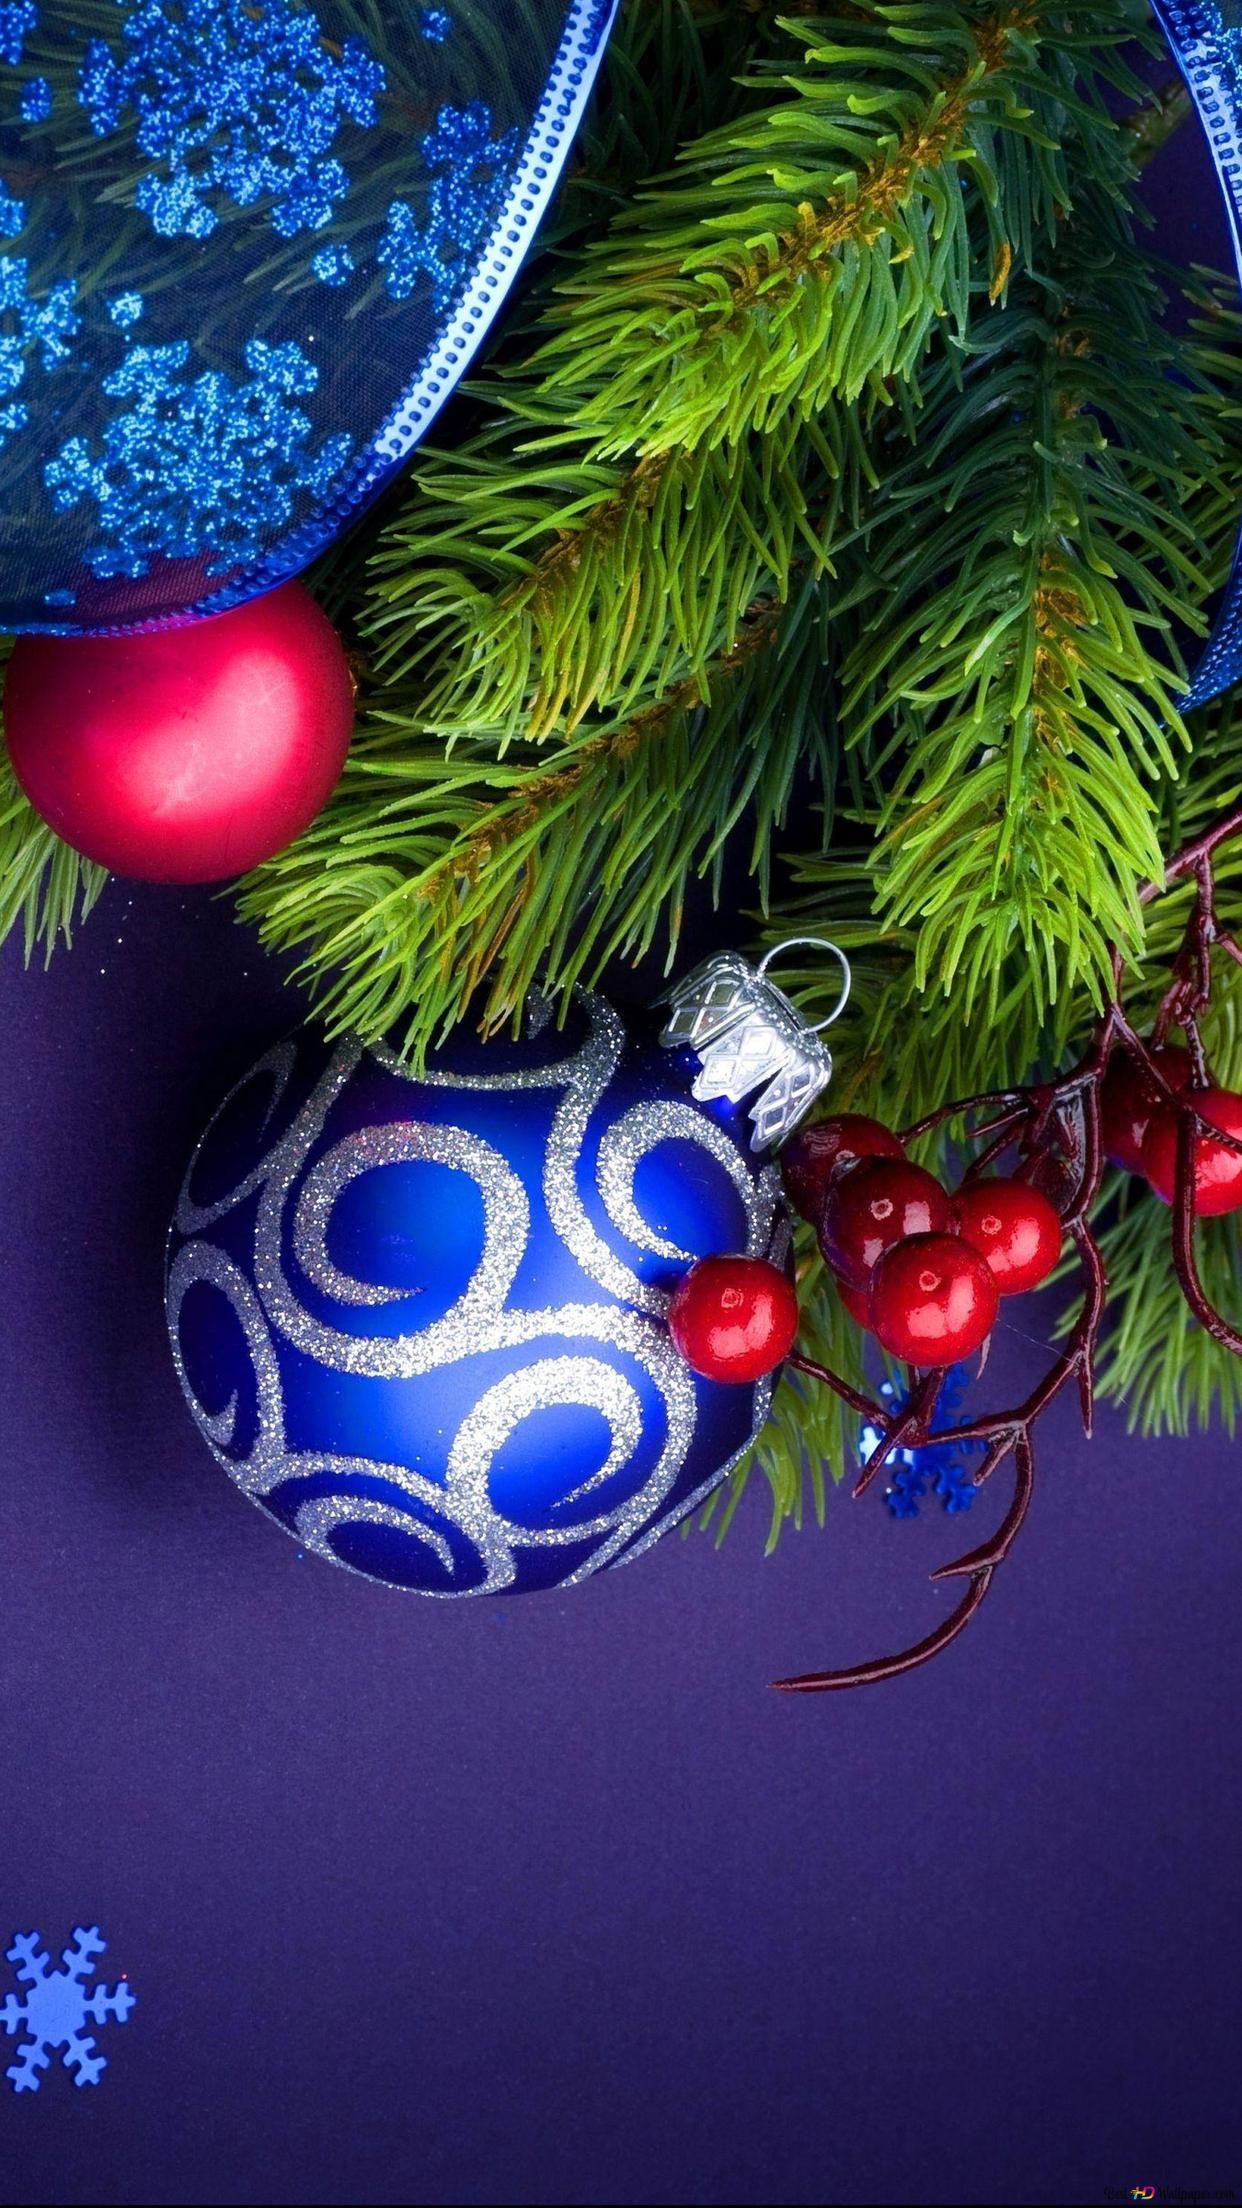 クリスマスのモミの枝 Hd壁紙のダウンロード